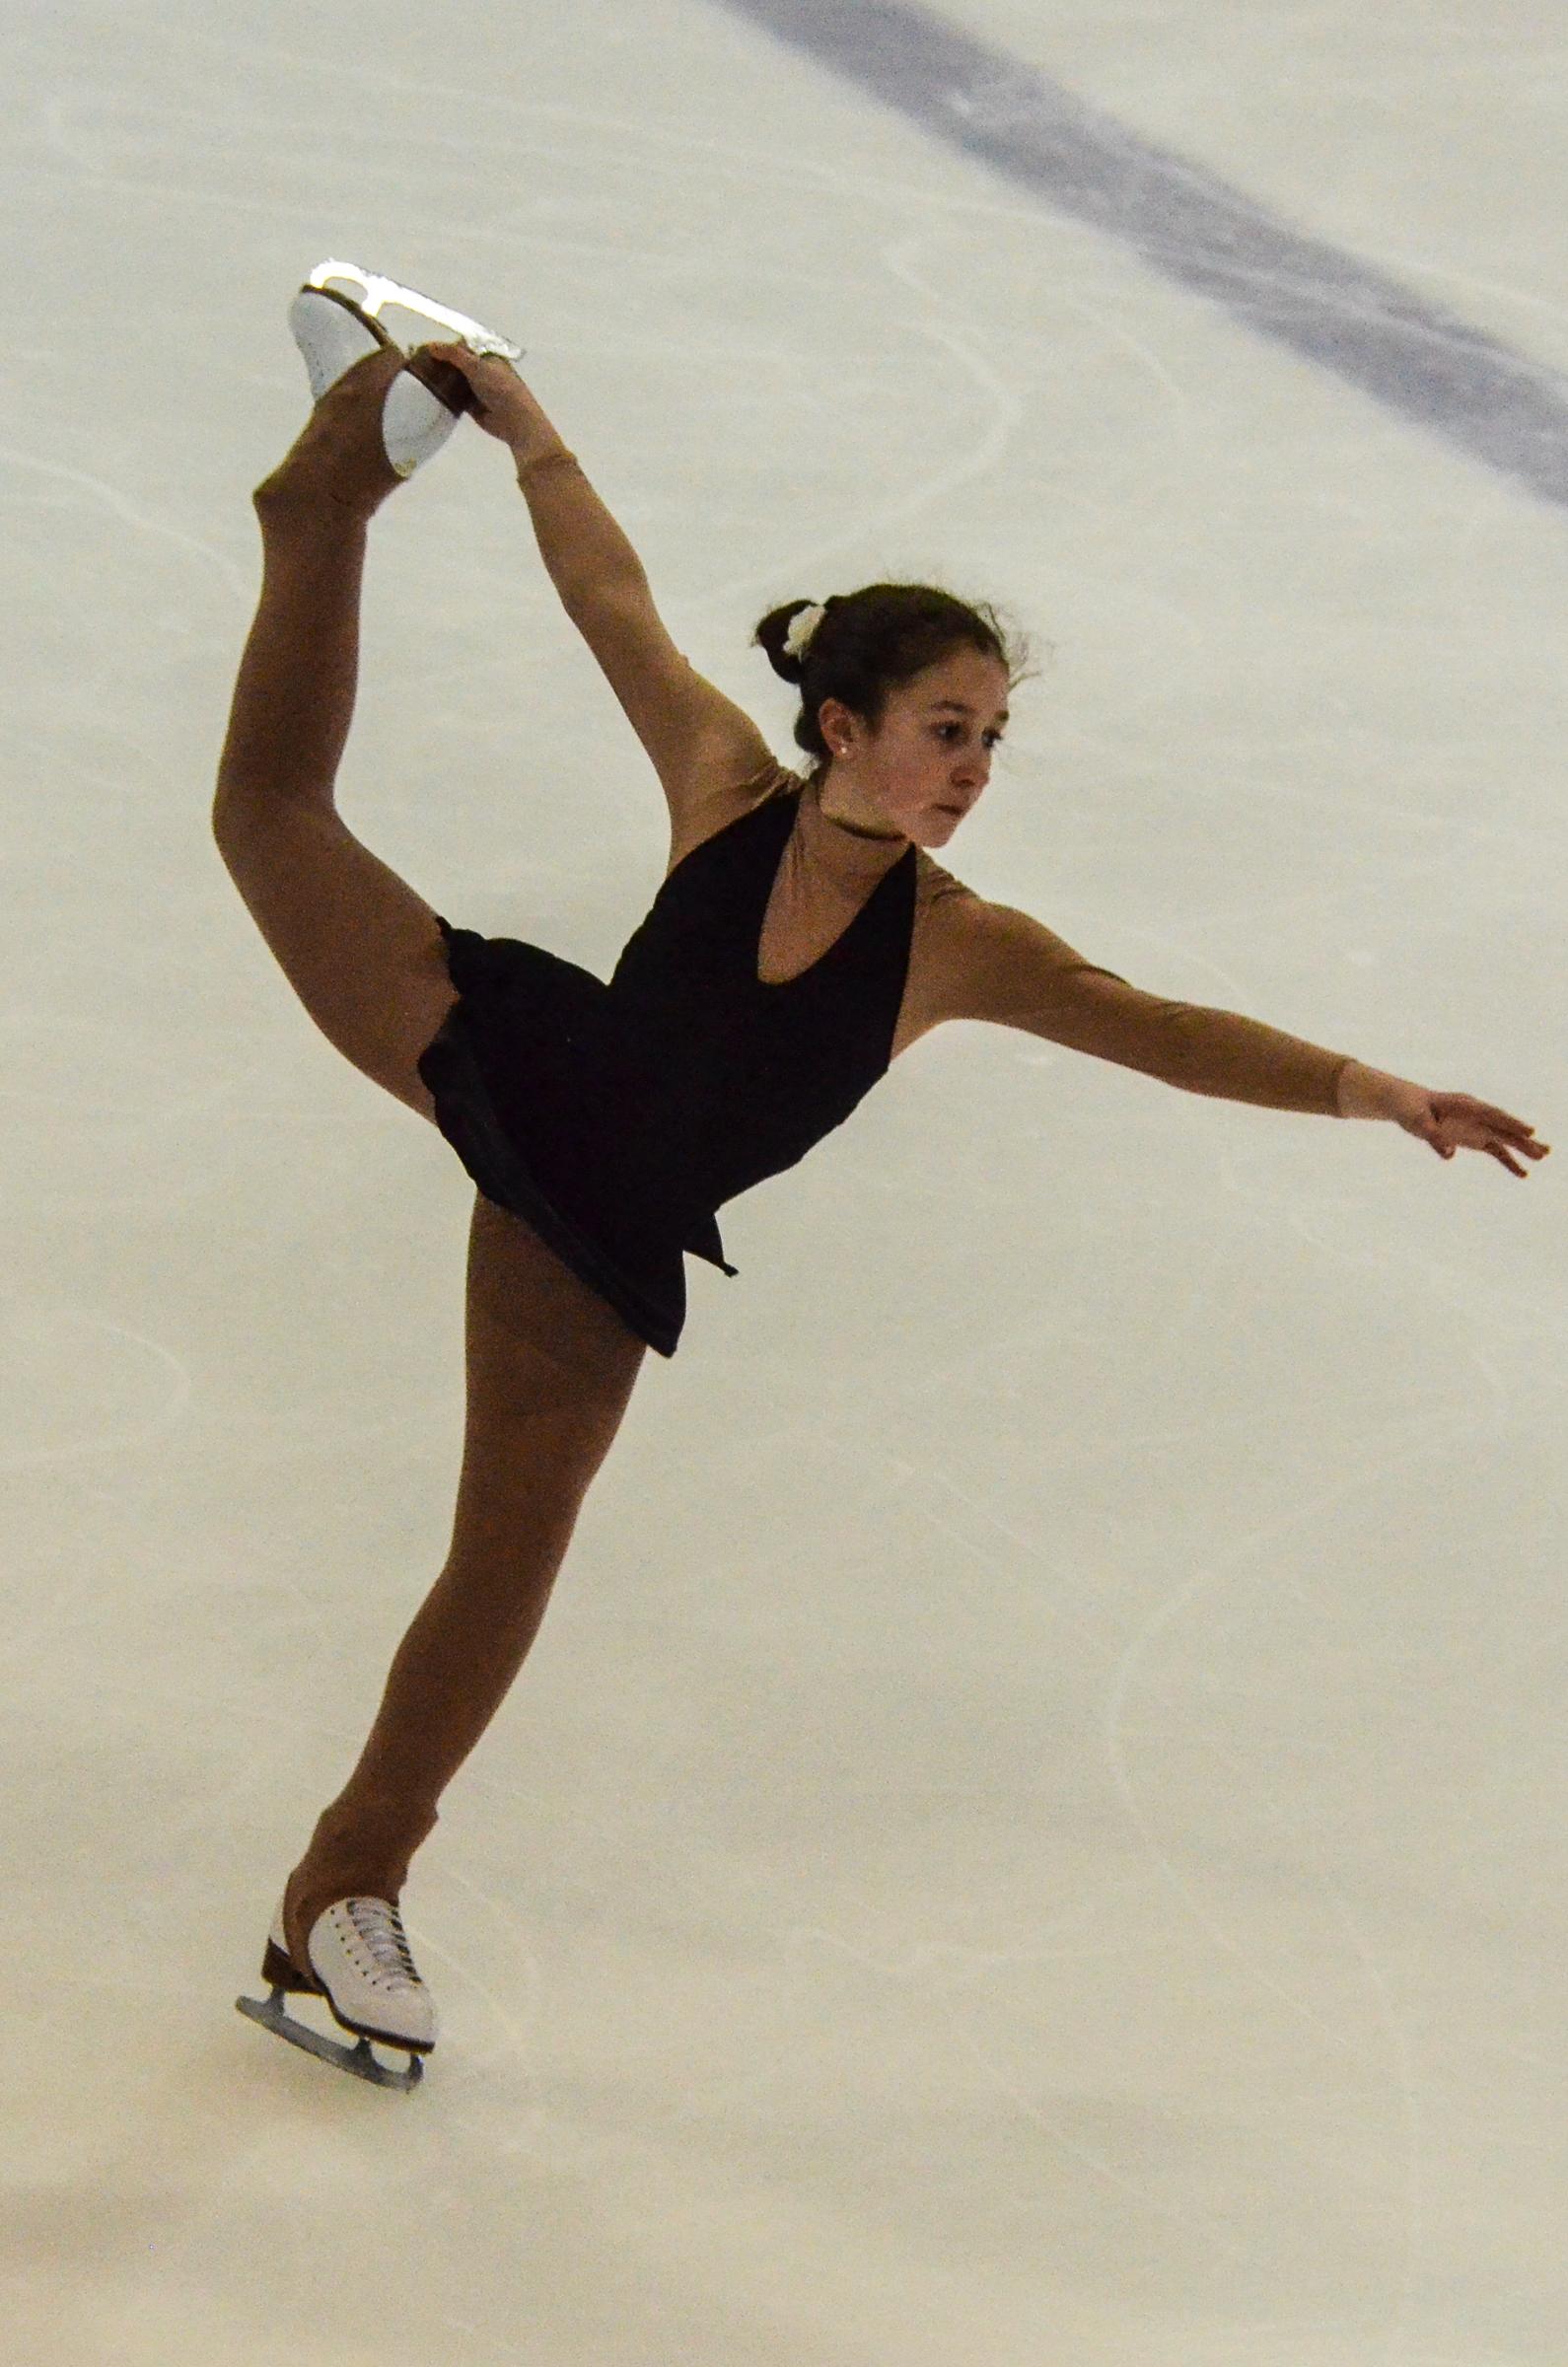 Mia Keller